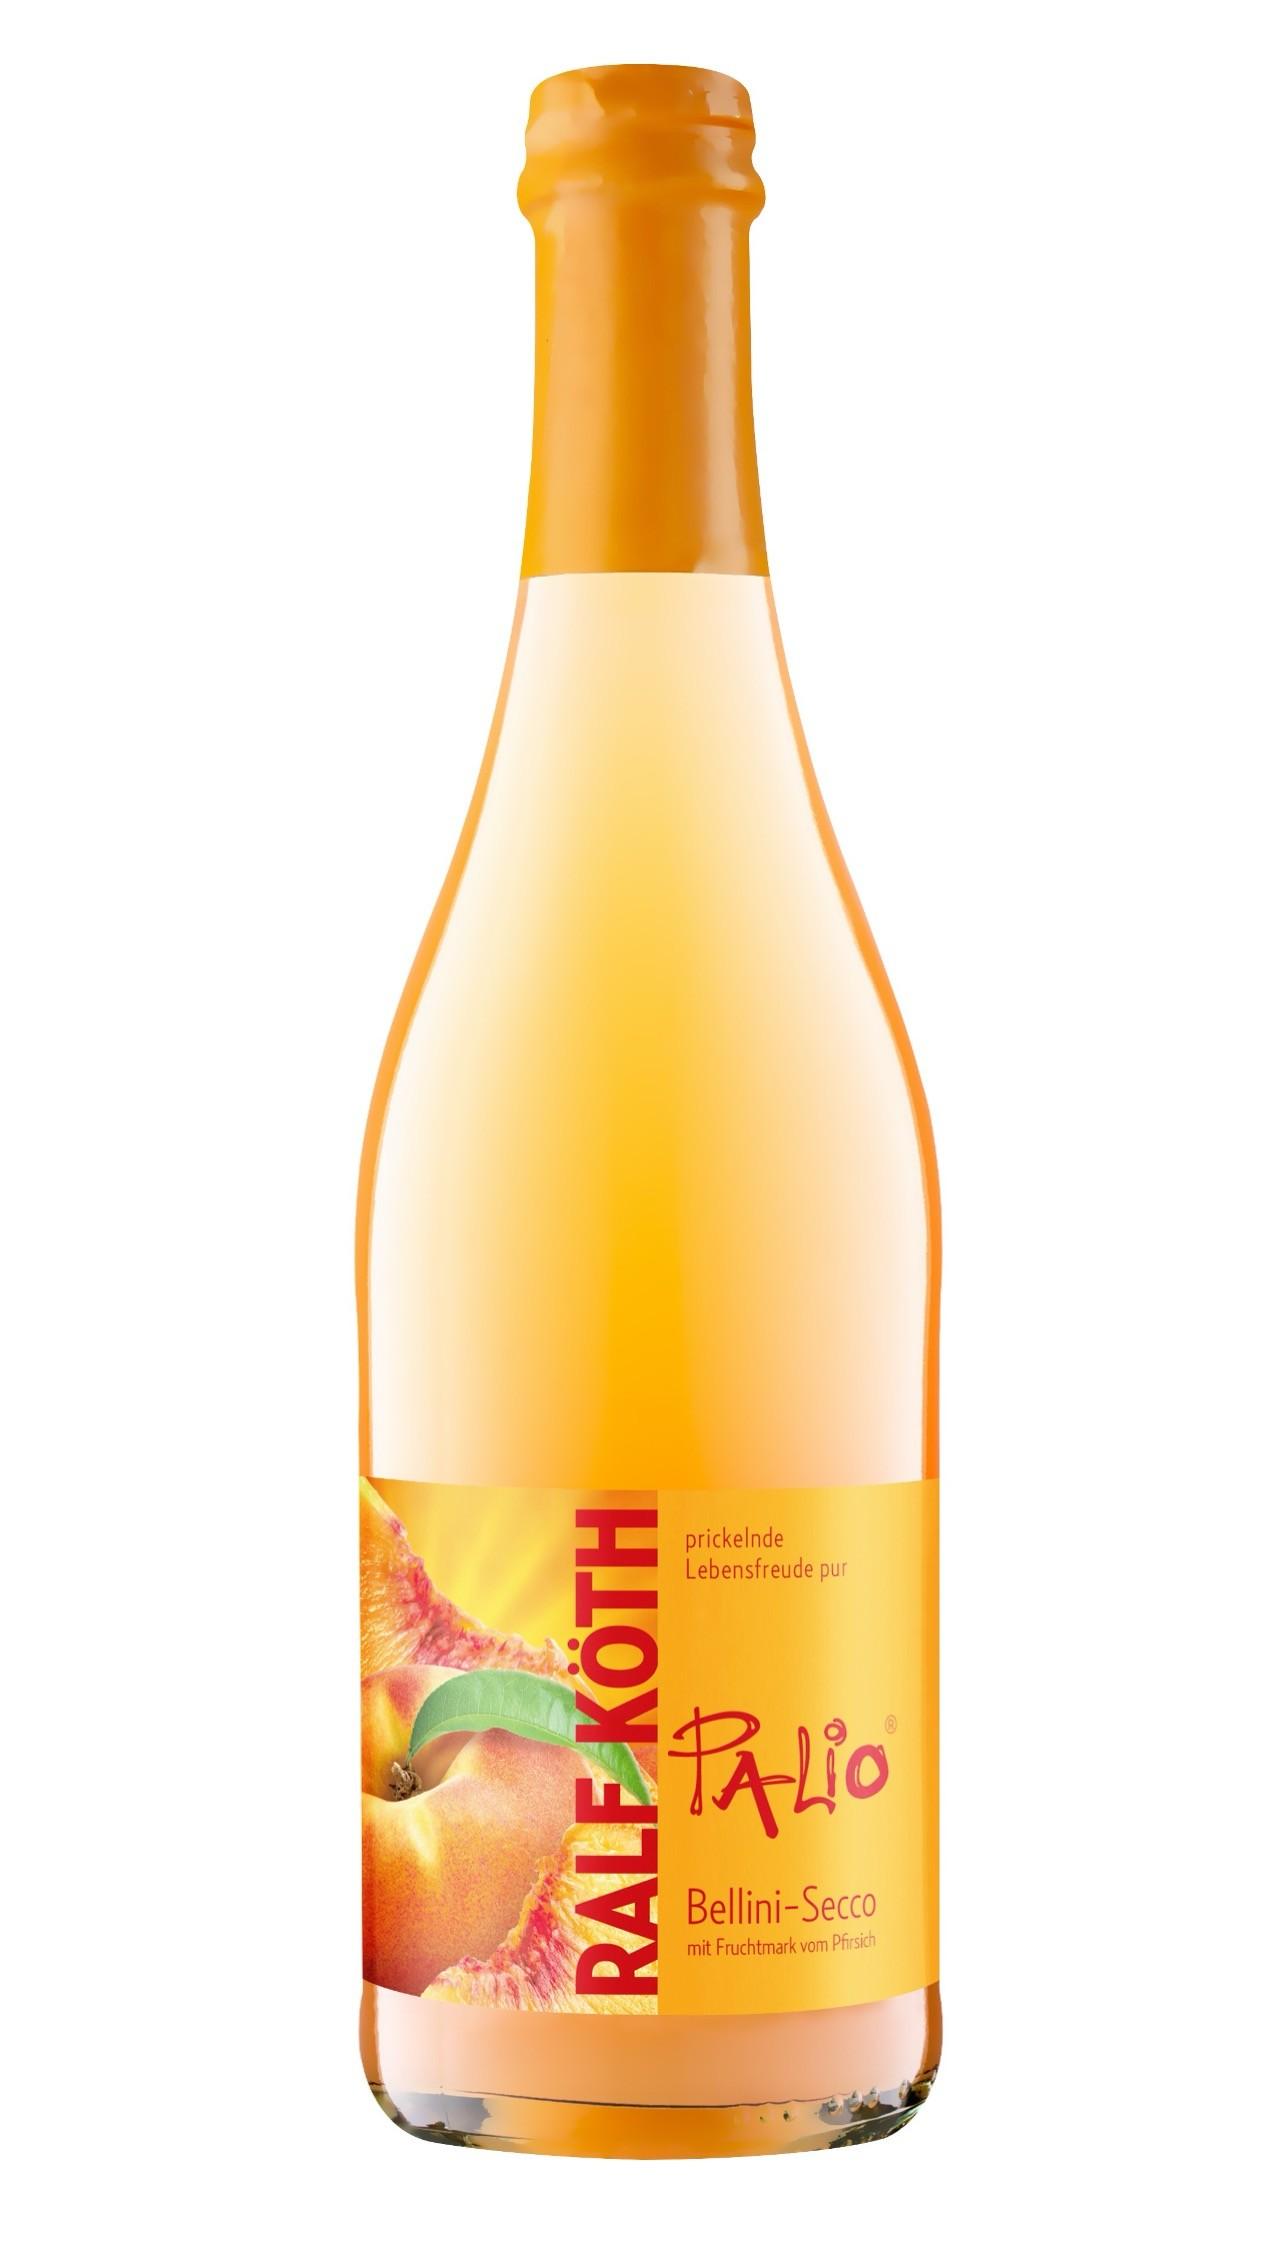 Pfirsich-Bellini Palio Secco 6,5% vol. 750 ml